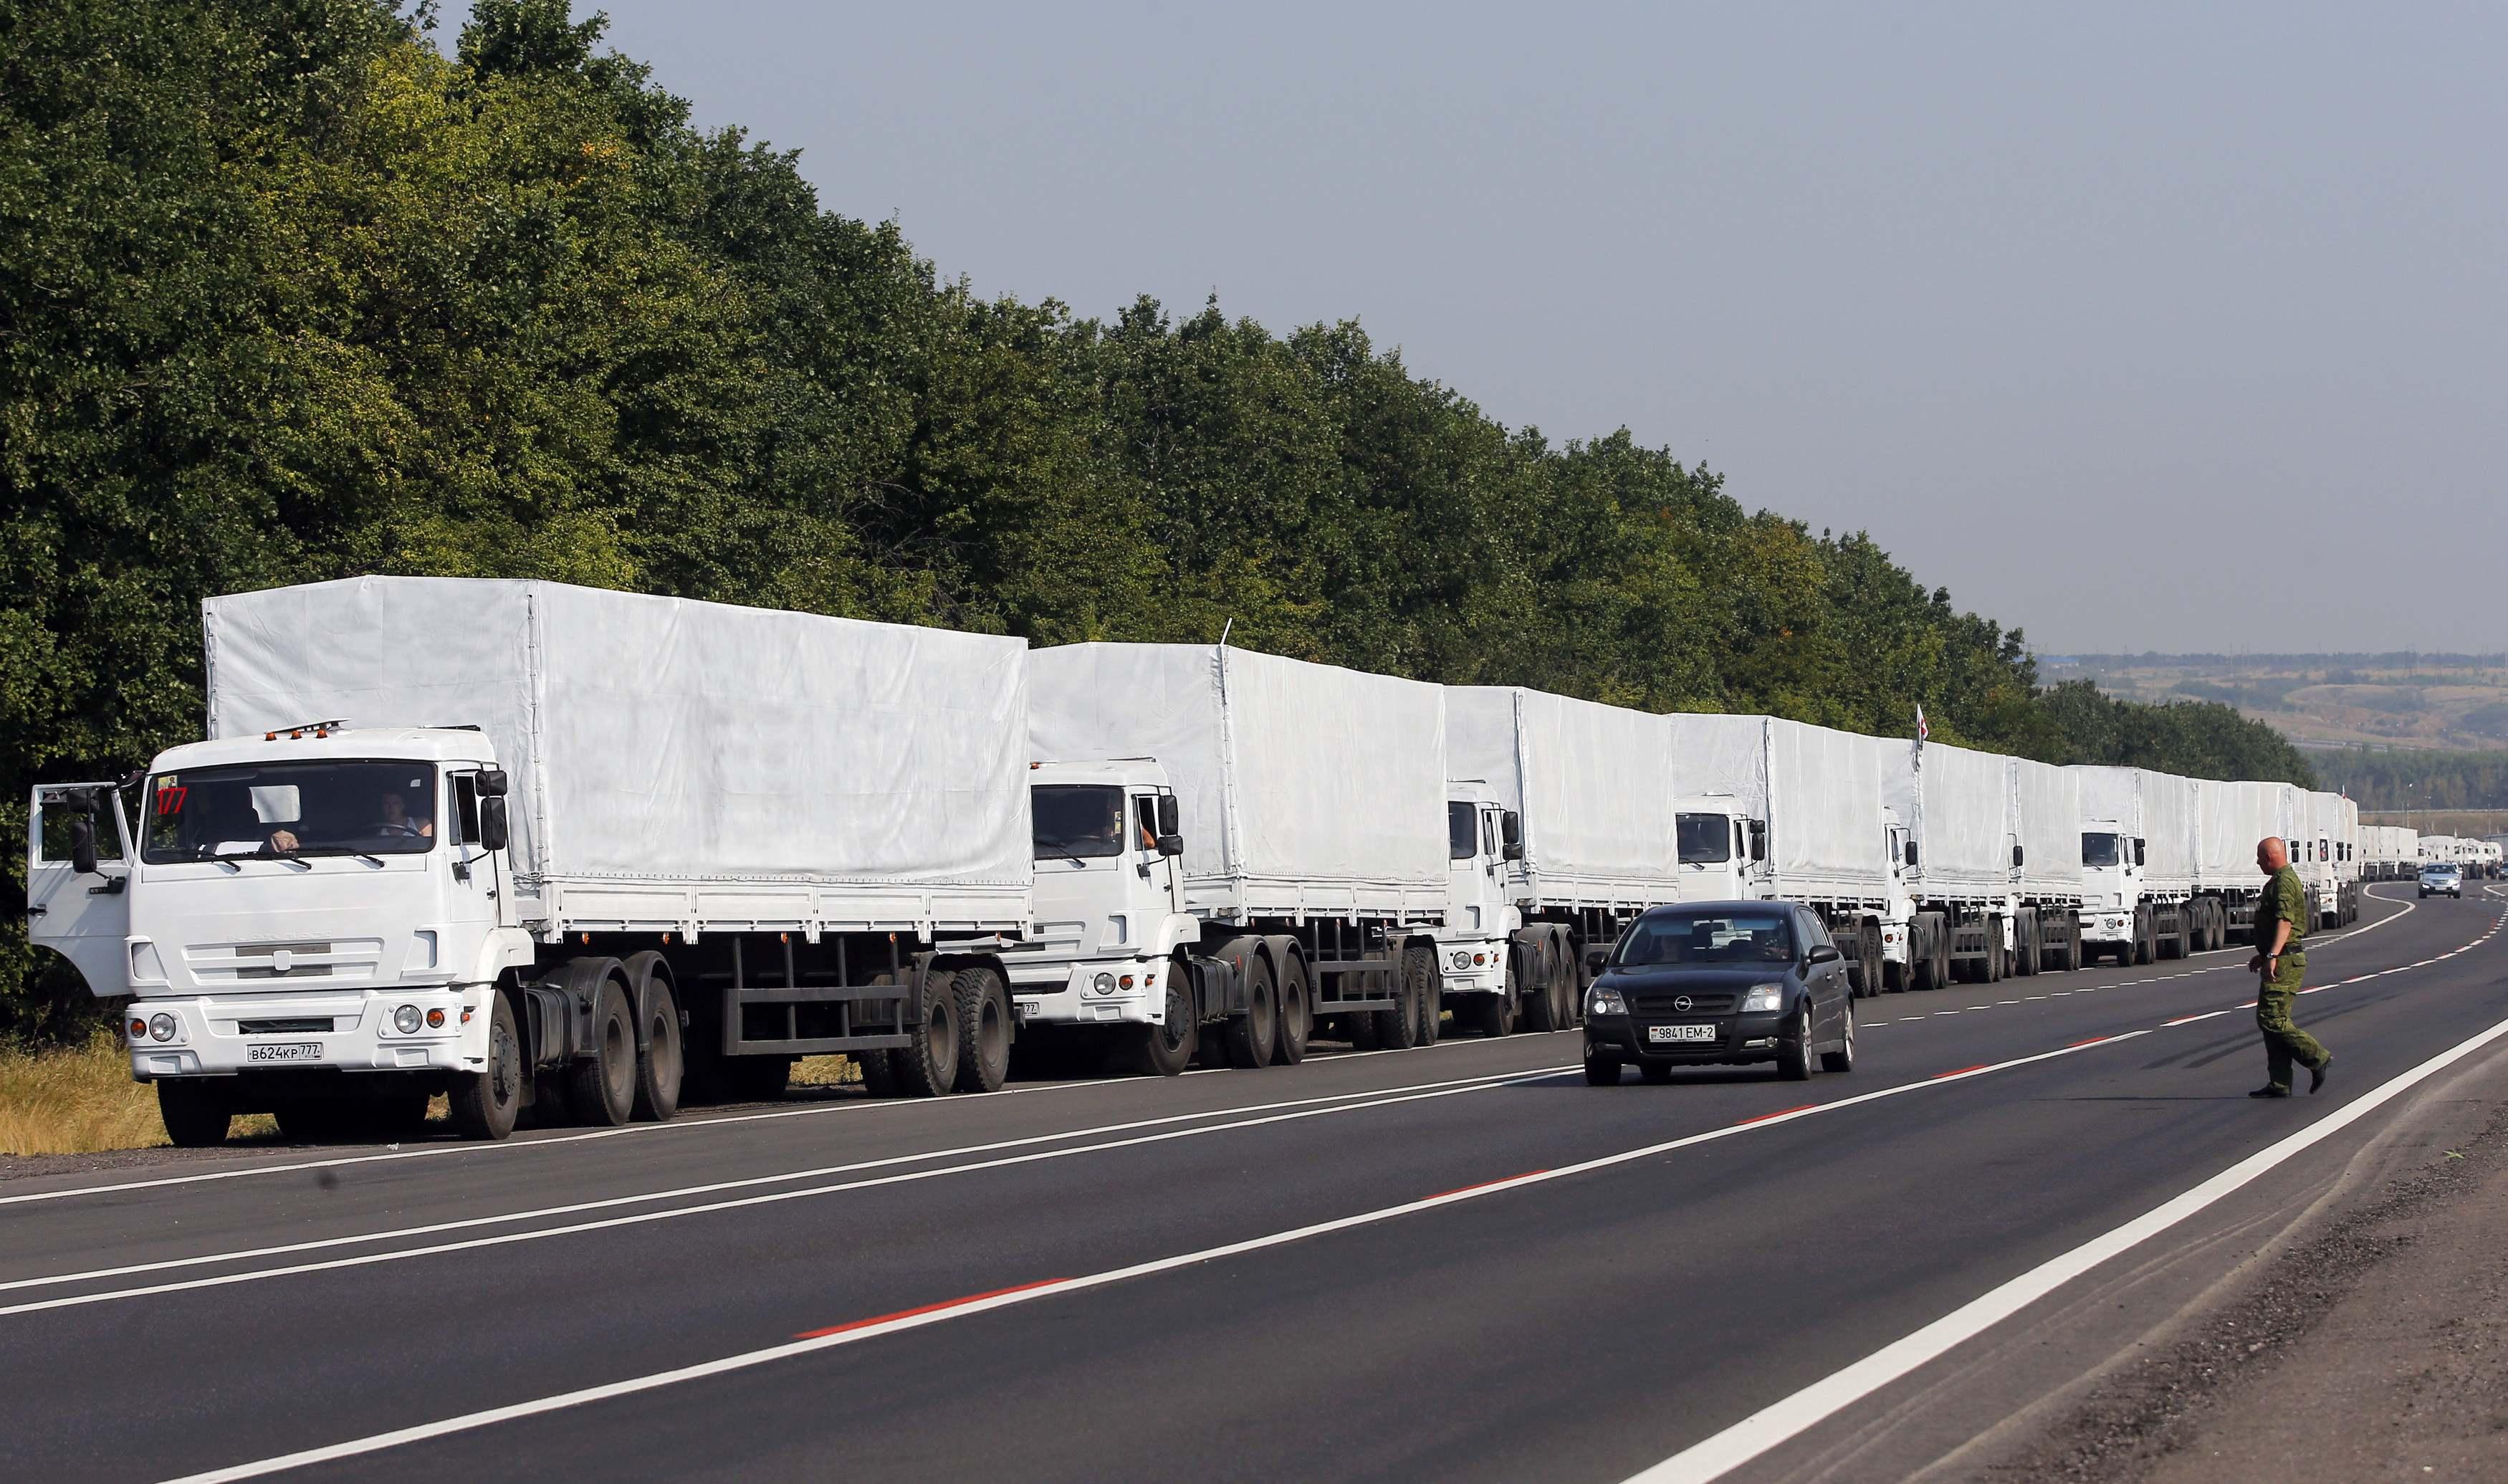 Гуманитарному конвою РФ запретили остановки во время движения по Украине